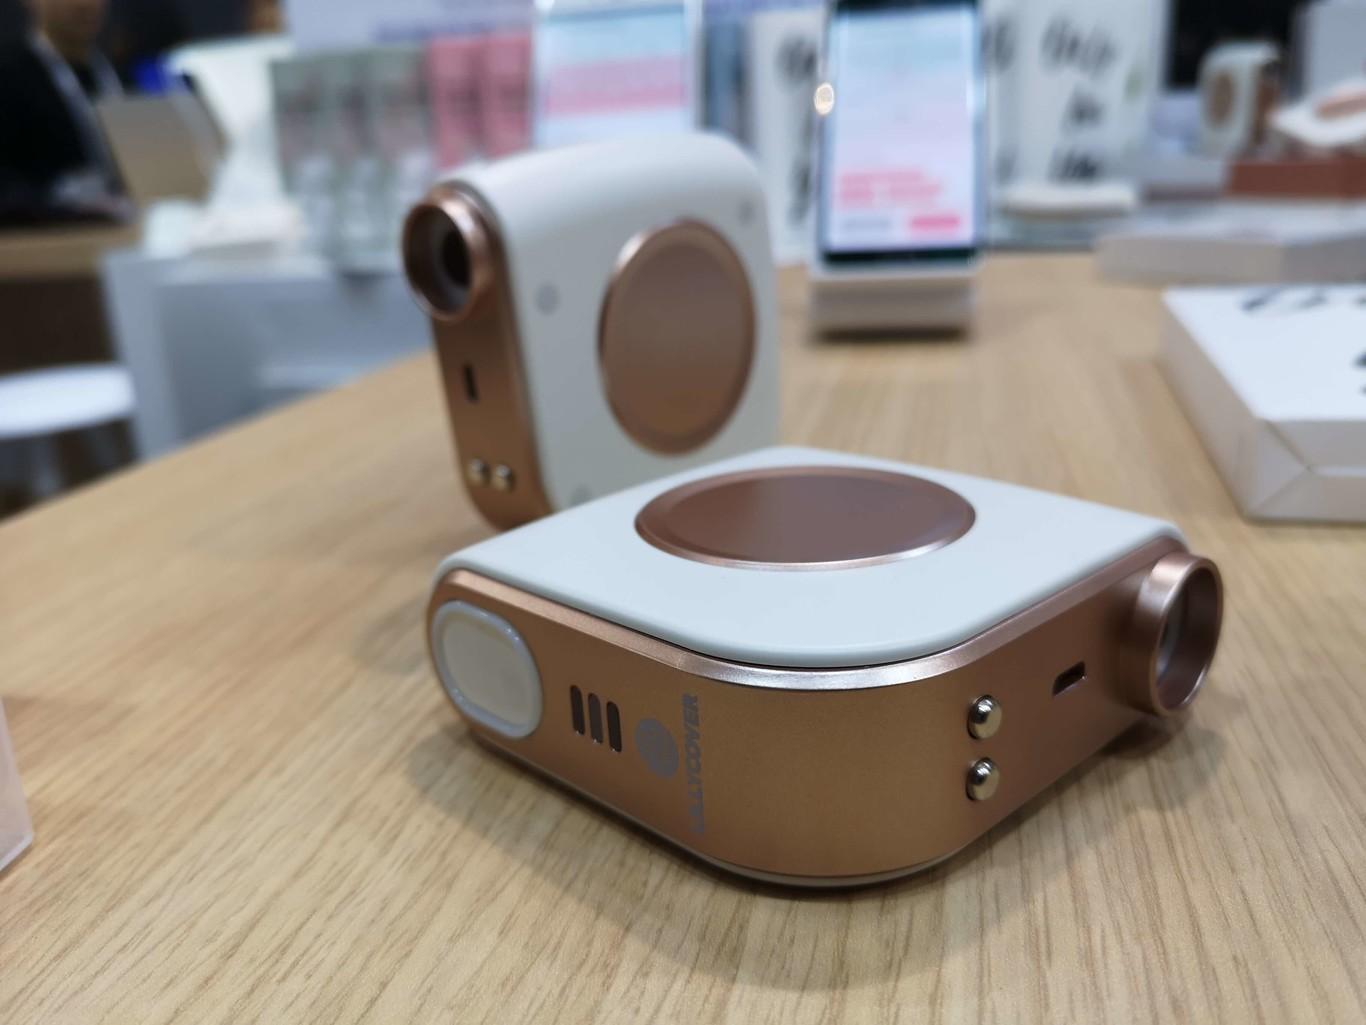 Así es LillyCover, el accesorio que analiza tu piel con solo tocarla y te ayuda a mantenerla perfecta a través de una app